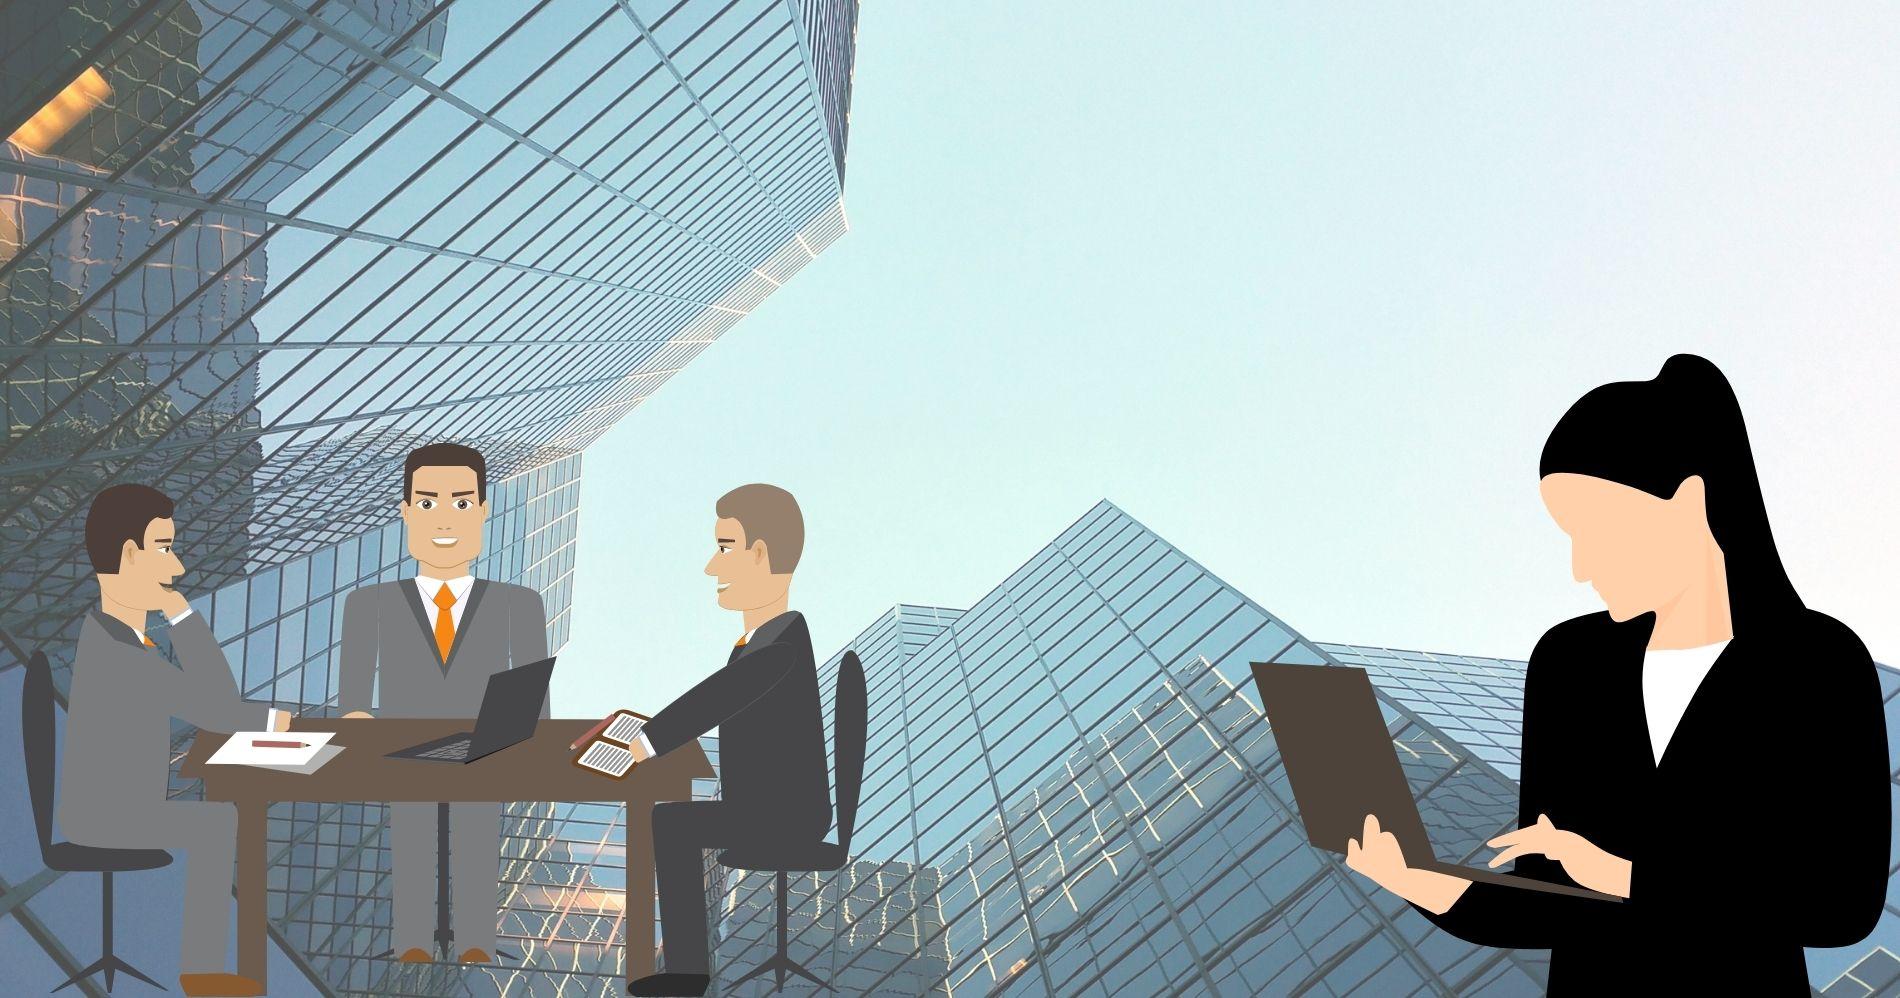 Ilustrasi Gambar Perusahaan IPO - Bisnis Muda - Canva.com